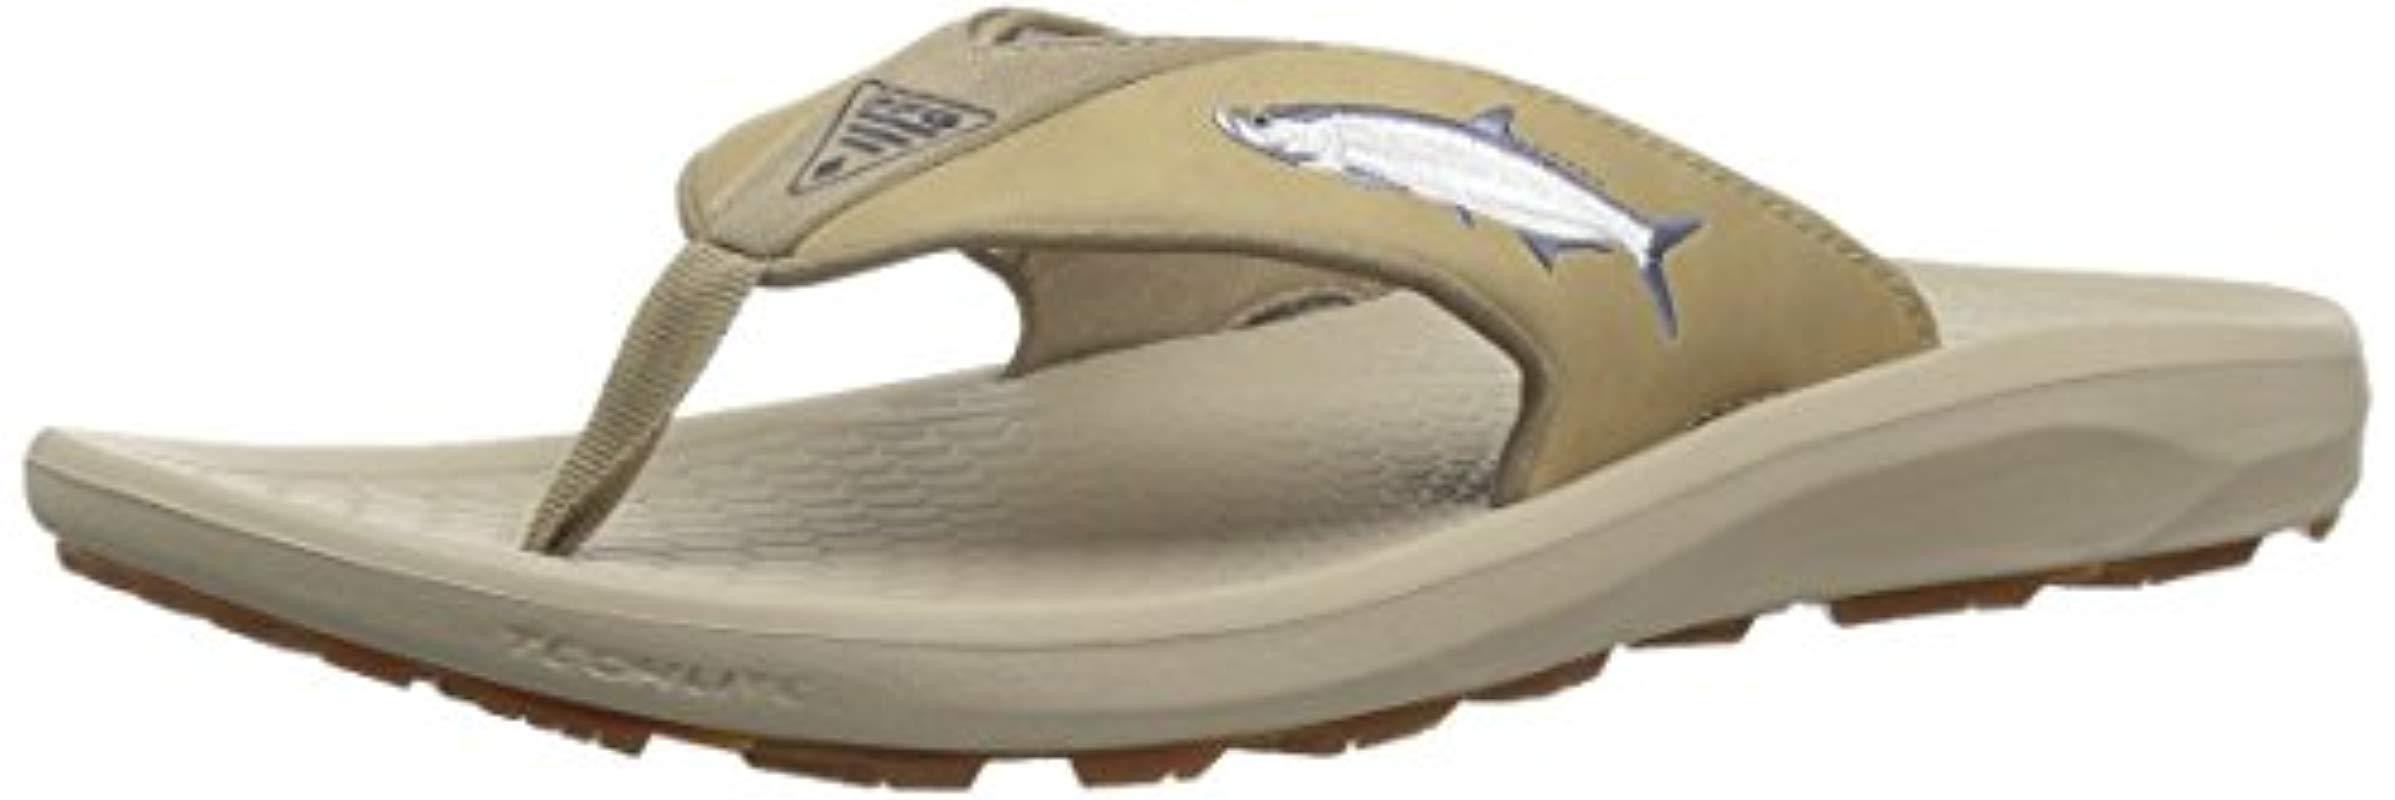 603c19b6ebf Lyst - Columbia Fish Flip Pfg Fisherman Sandal for Men